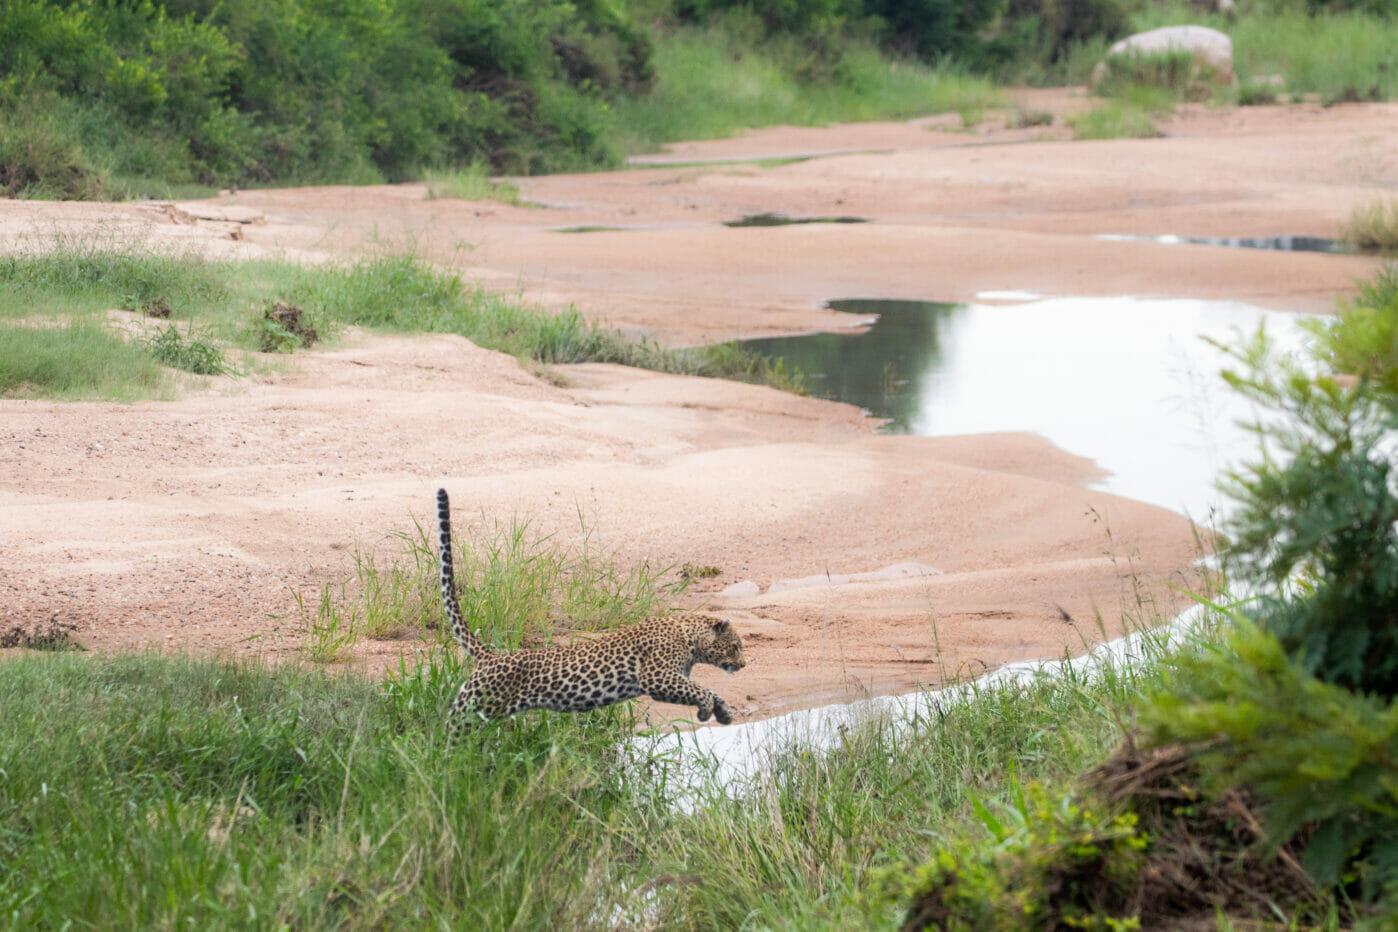 Nthanguleni female jumps